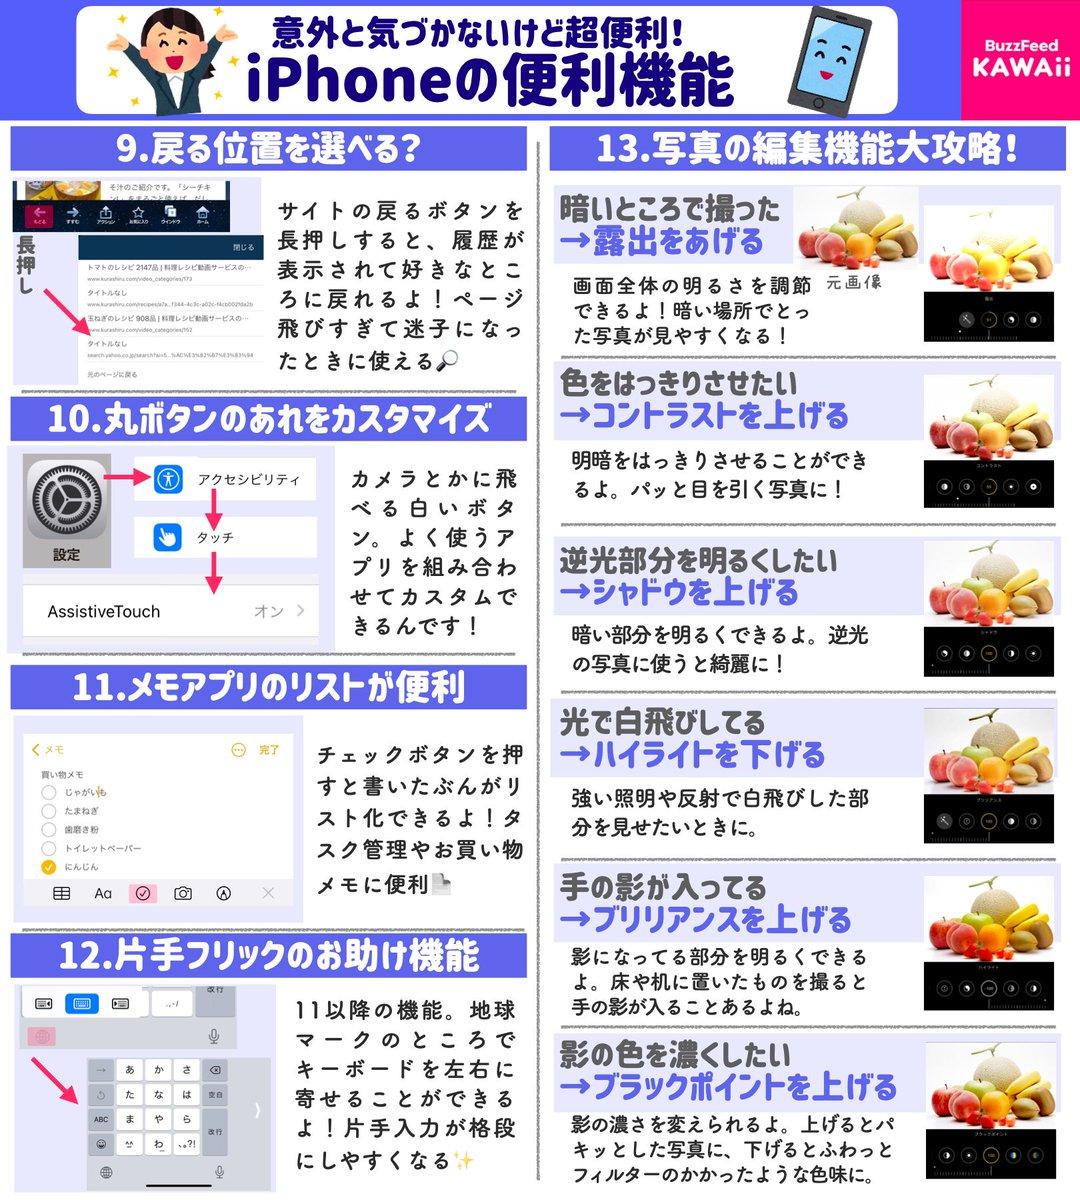 意外と知らないけど知っておくと便利?iPhoneの便利機能まとめ!